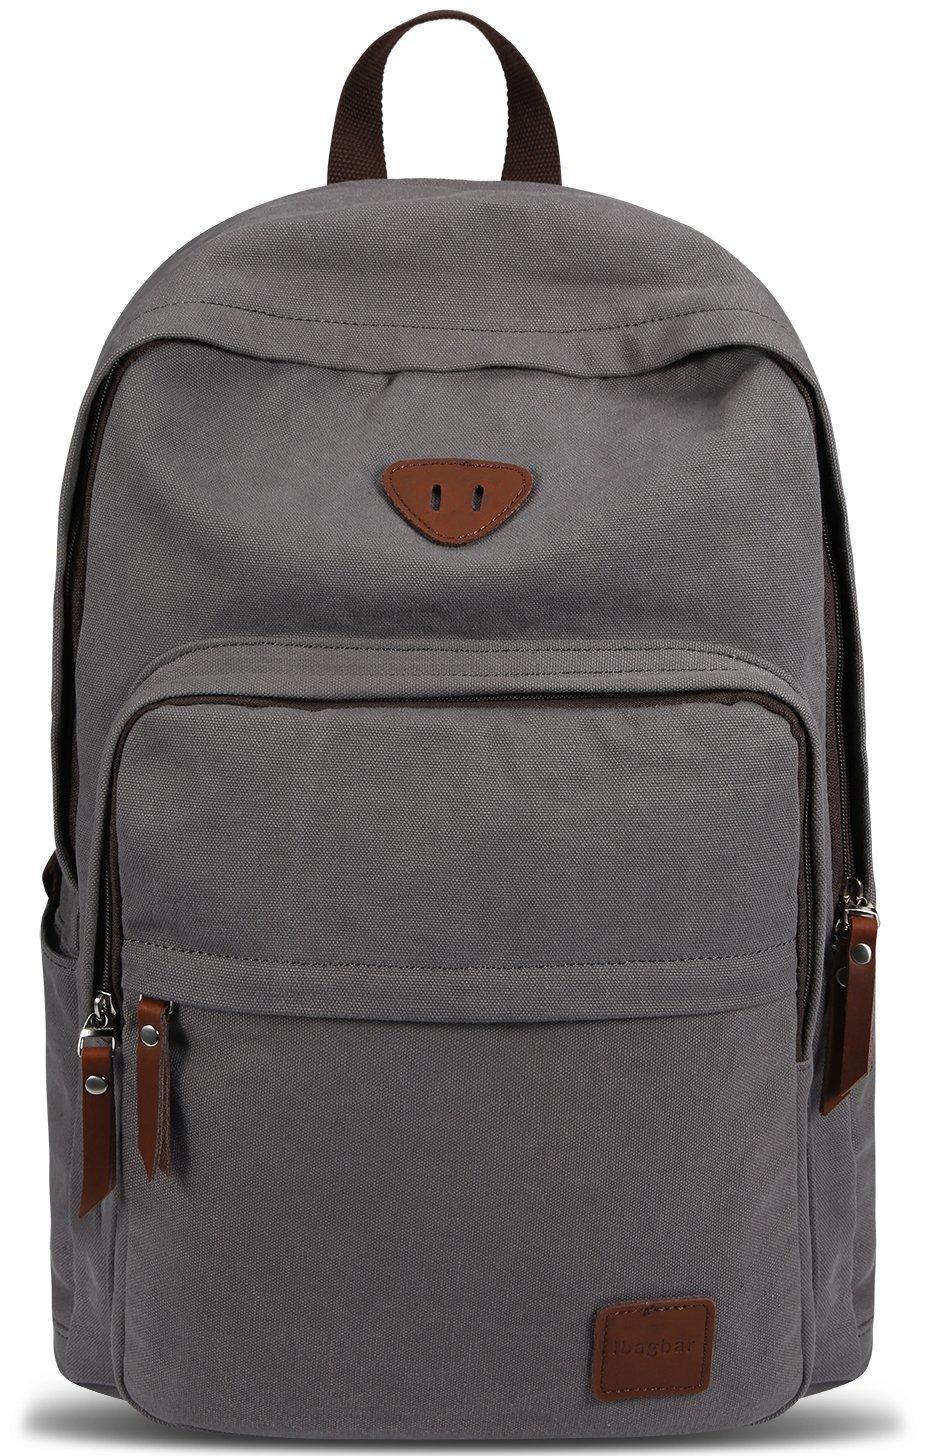 the best 10 work backpacks for men women choose backpacks. Black Bedroom Furniture Sets. Home Design Ideas